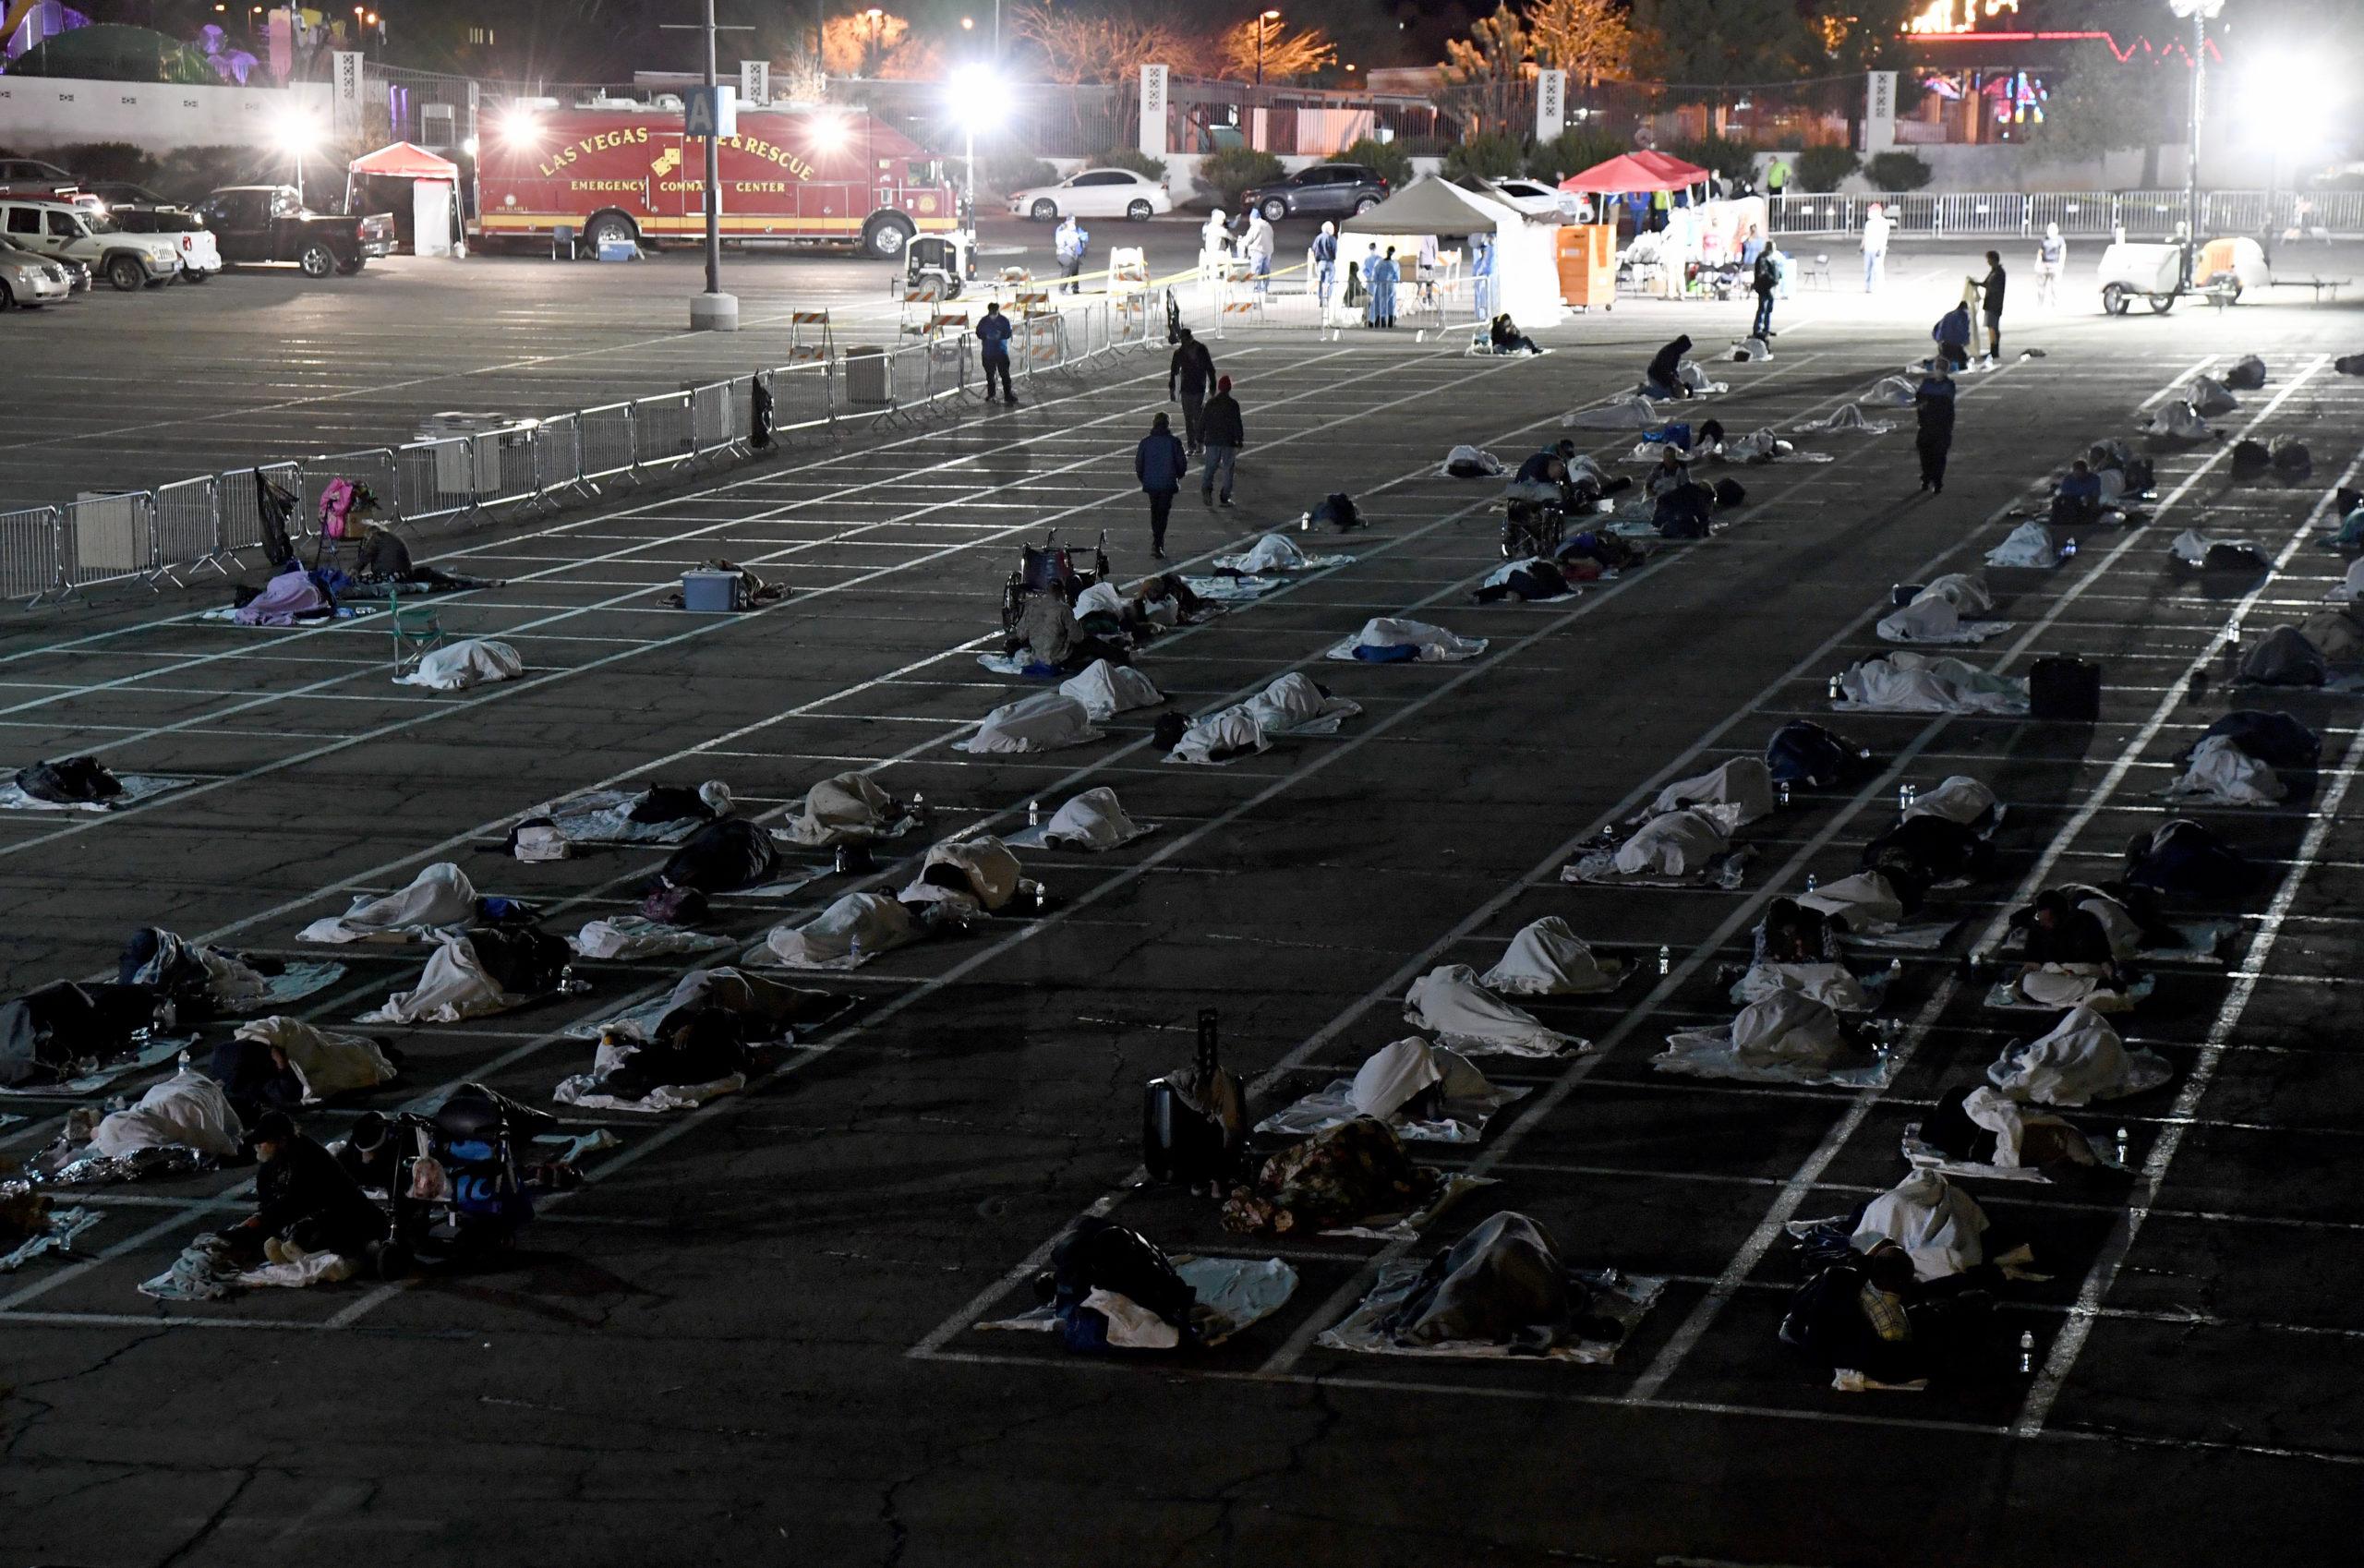 Pessoas em um abrigo para sem-teto no estacionamento do Cashman Center em Las Vegas, Nevada (EUA). Crédito: Getty Images